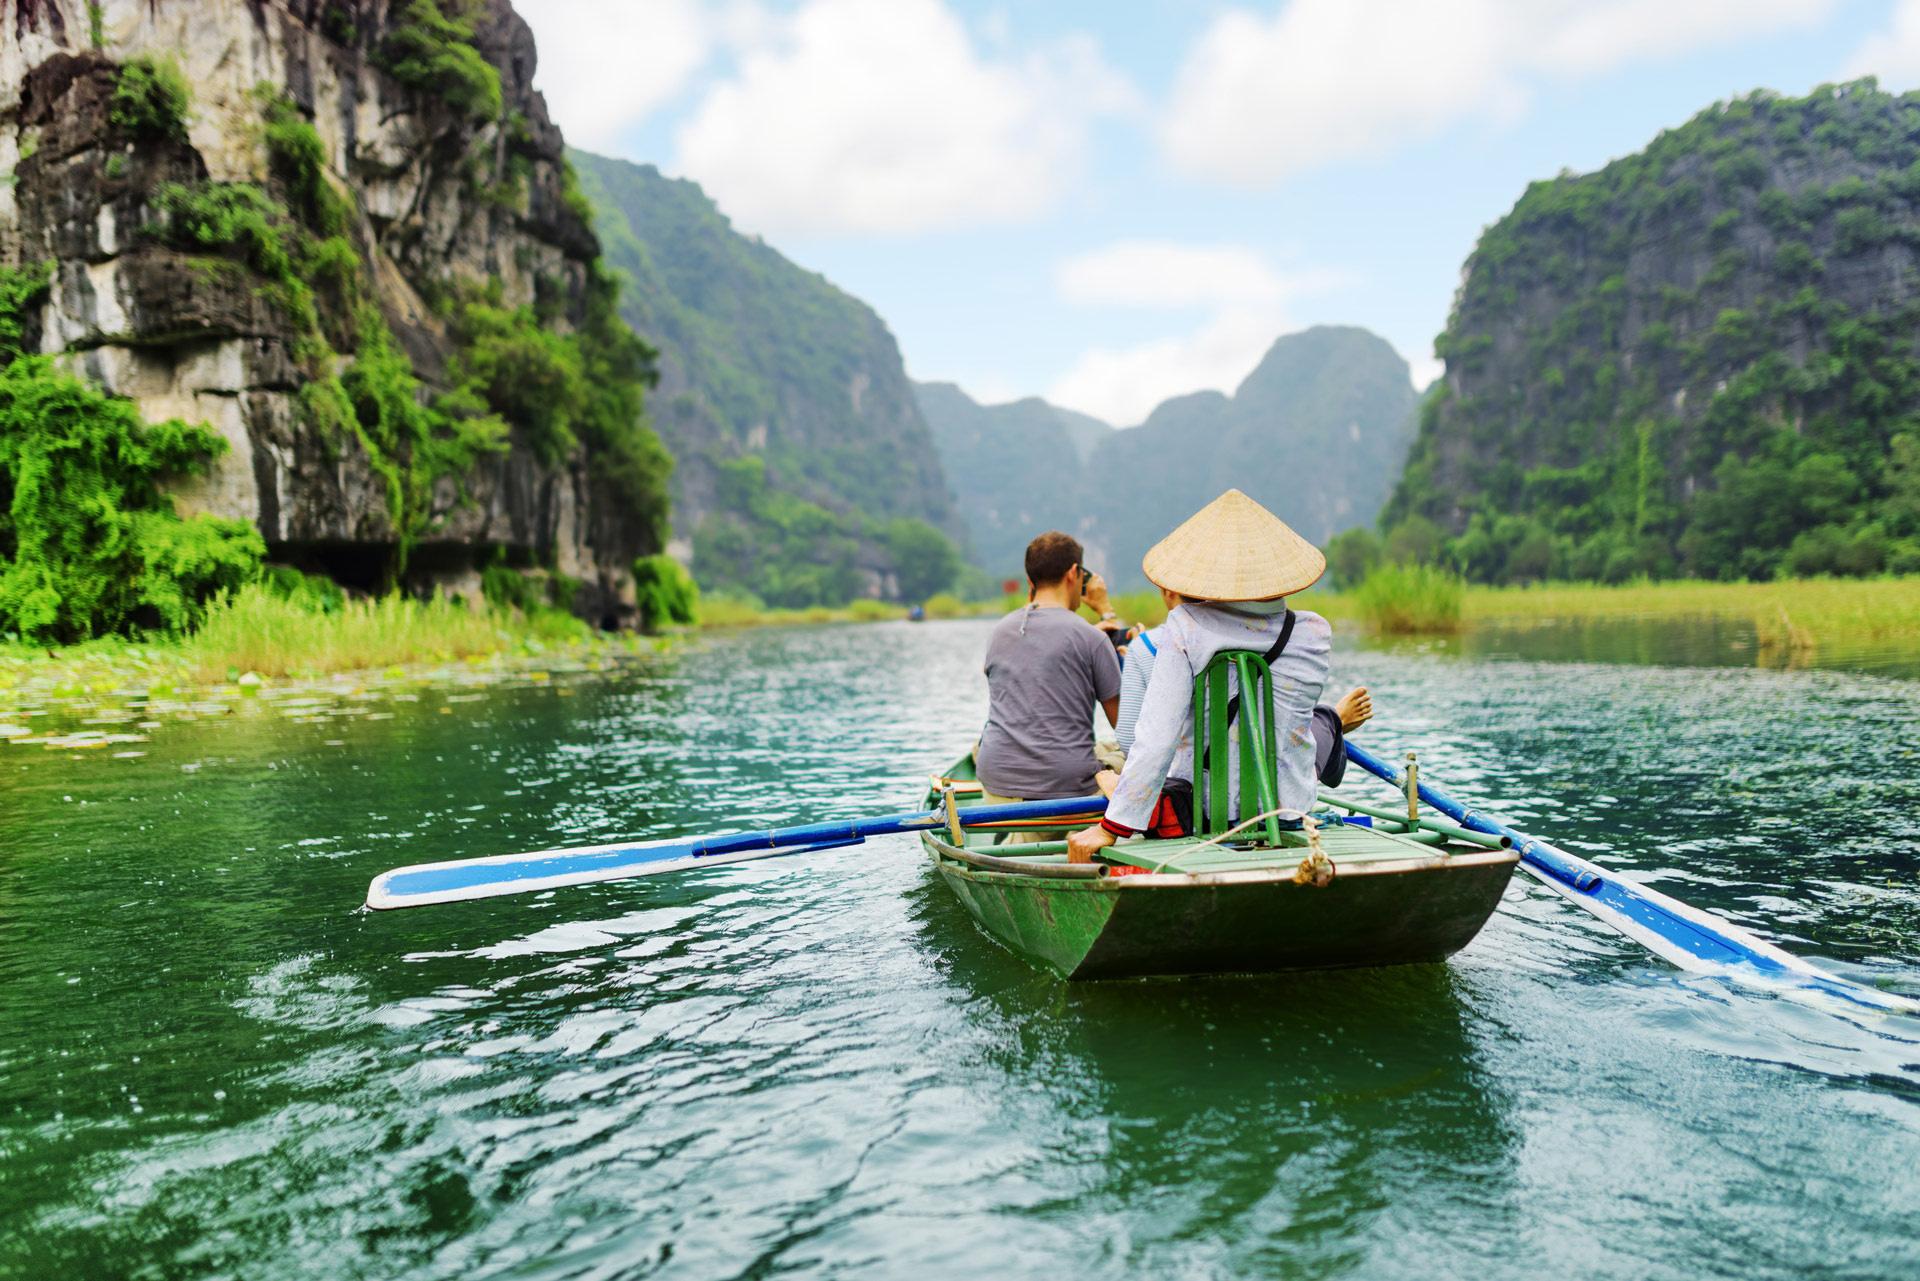 Ninh Bình tạm dừng đón khách, Tiền Giang tạm dừng tiếp nhận khách du lịch quốc tế do dịch corona - Ảnh 1.